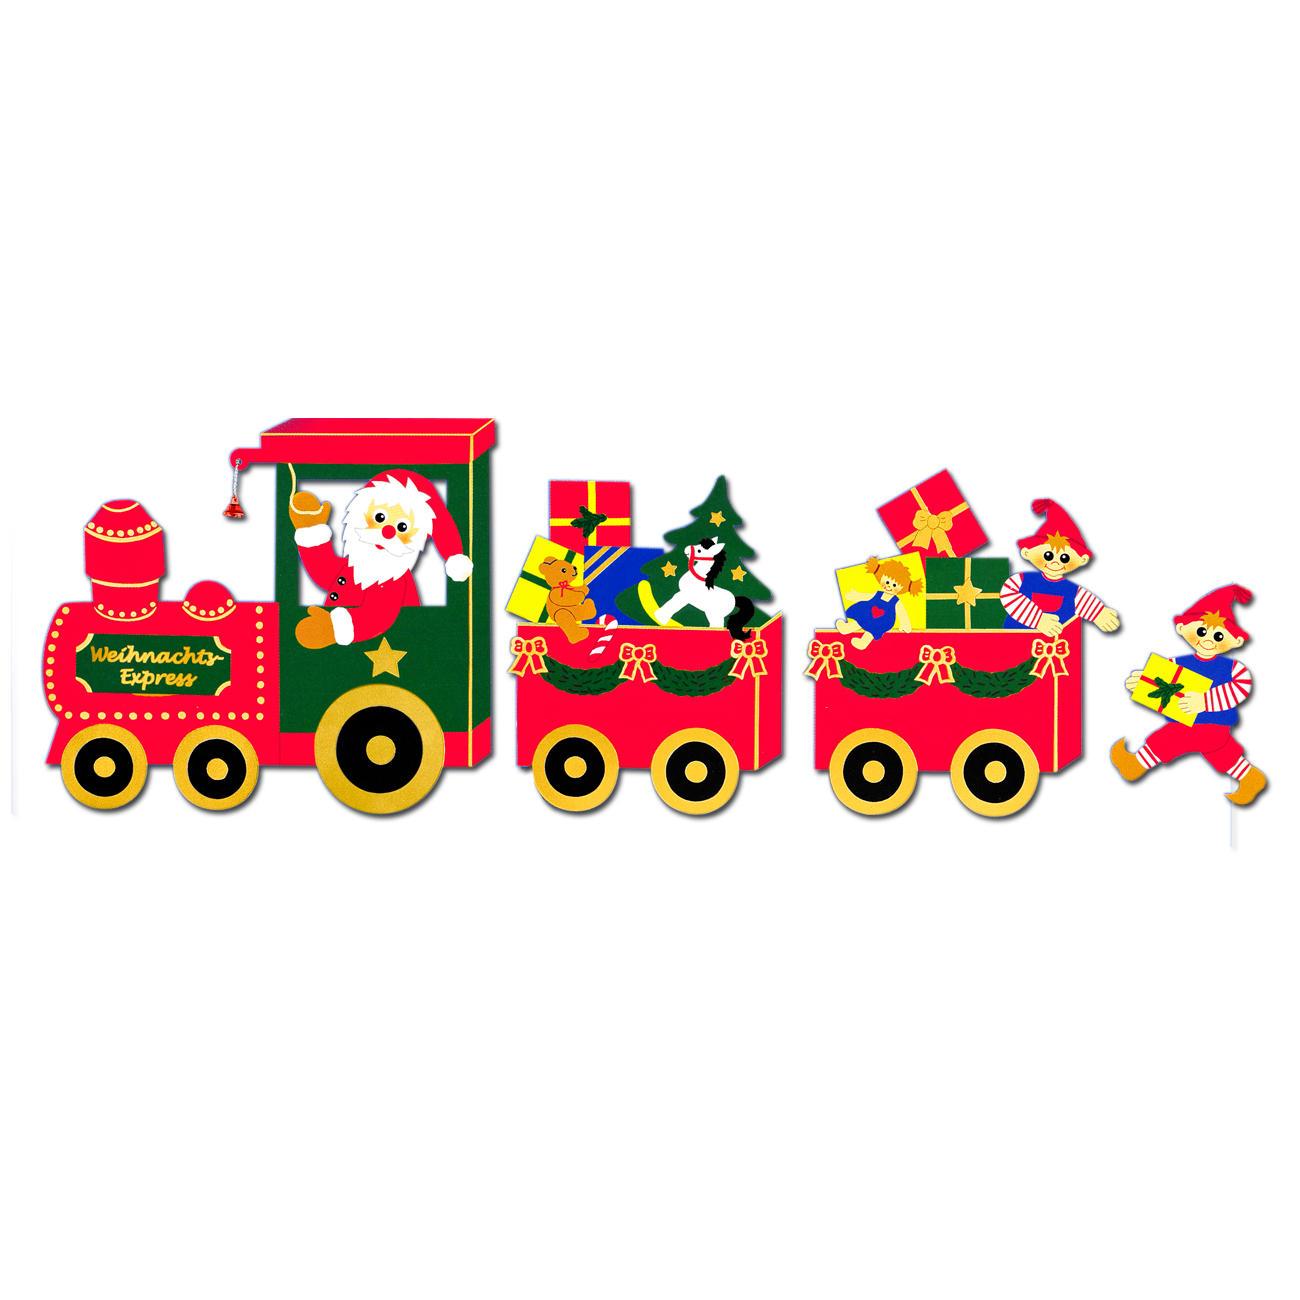 Weihnachtliche fensterbilder weihnachts express - Weihnachts fensterbilder basteln ...